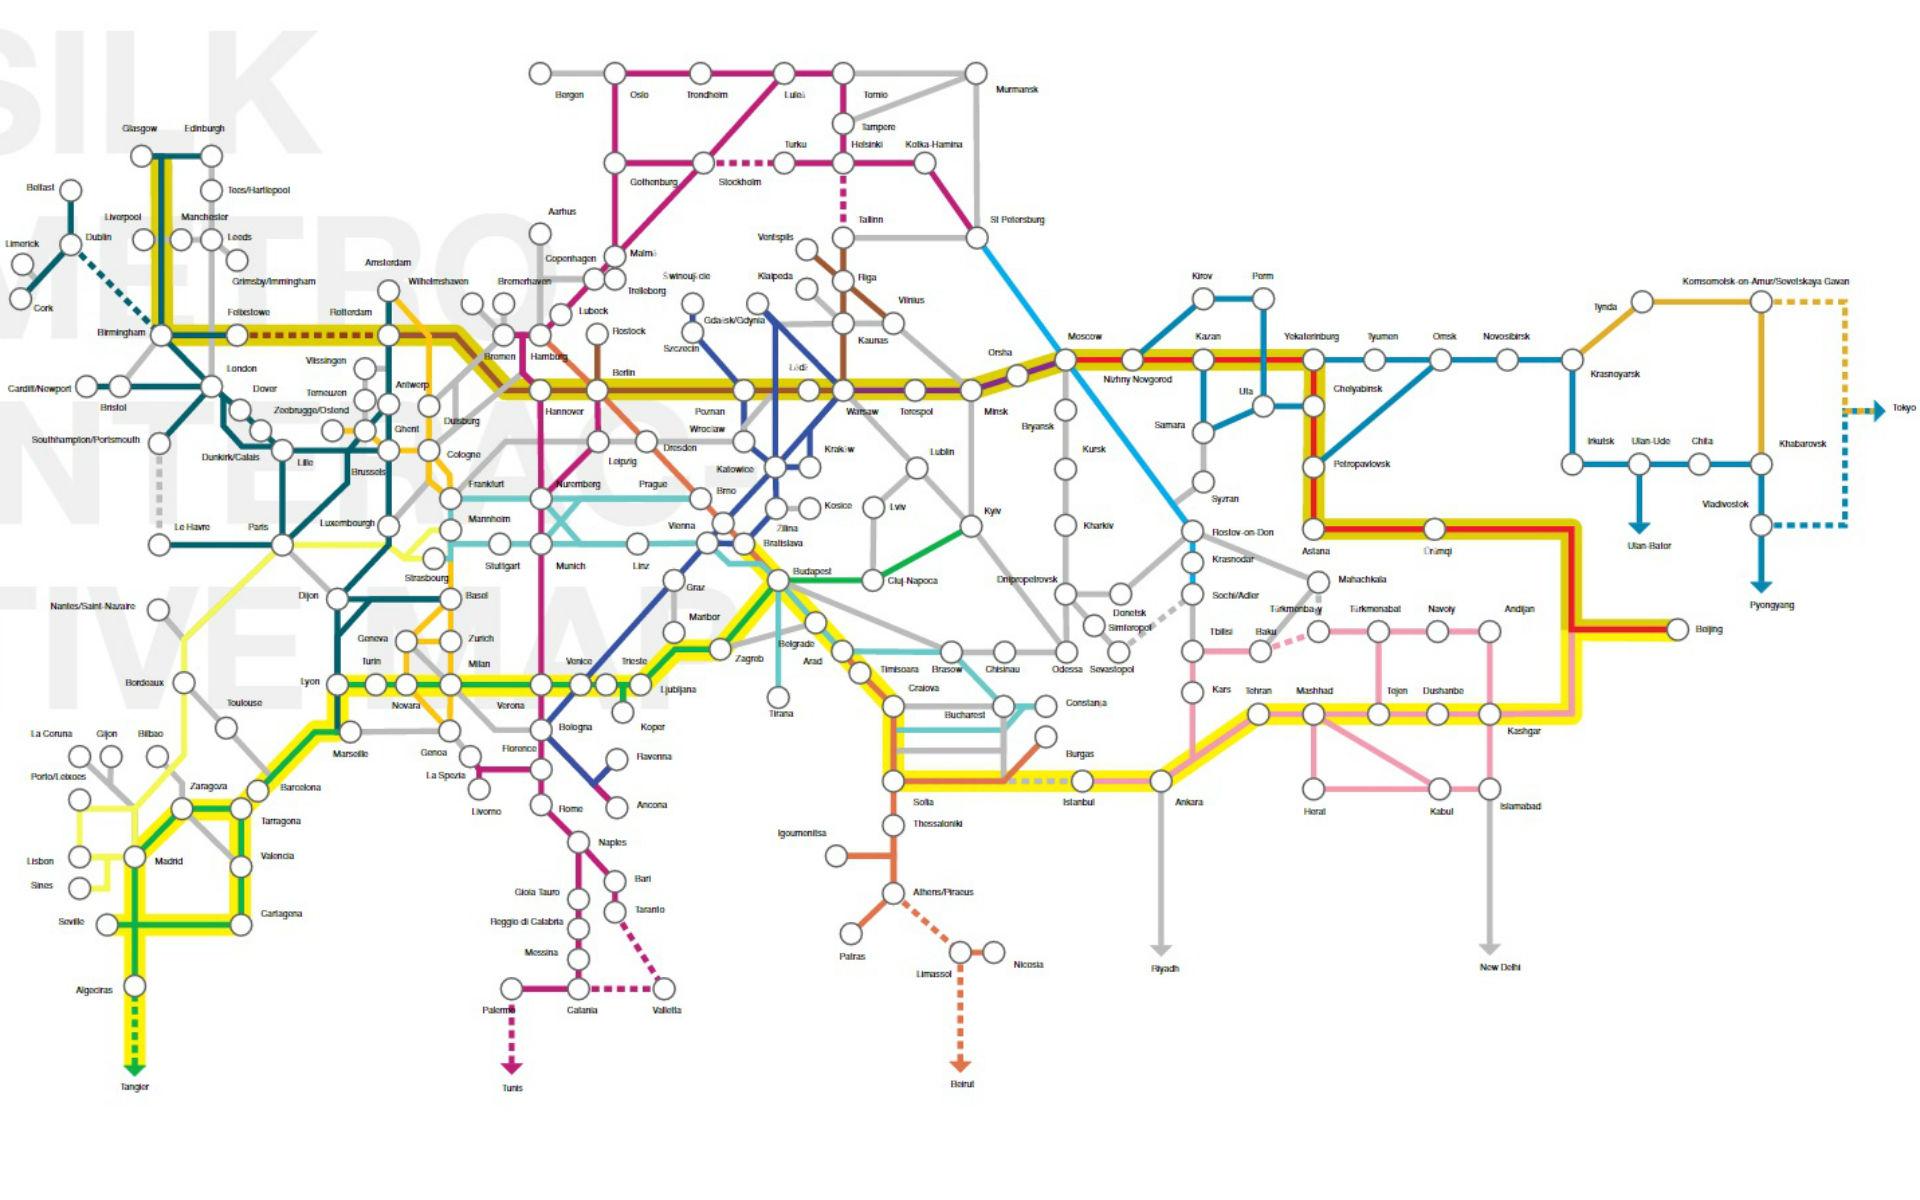 La mappa del futuro collegamento ferroviario tra Europa e Asia. Fonte: mir-initiative.com